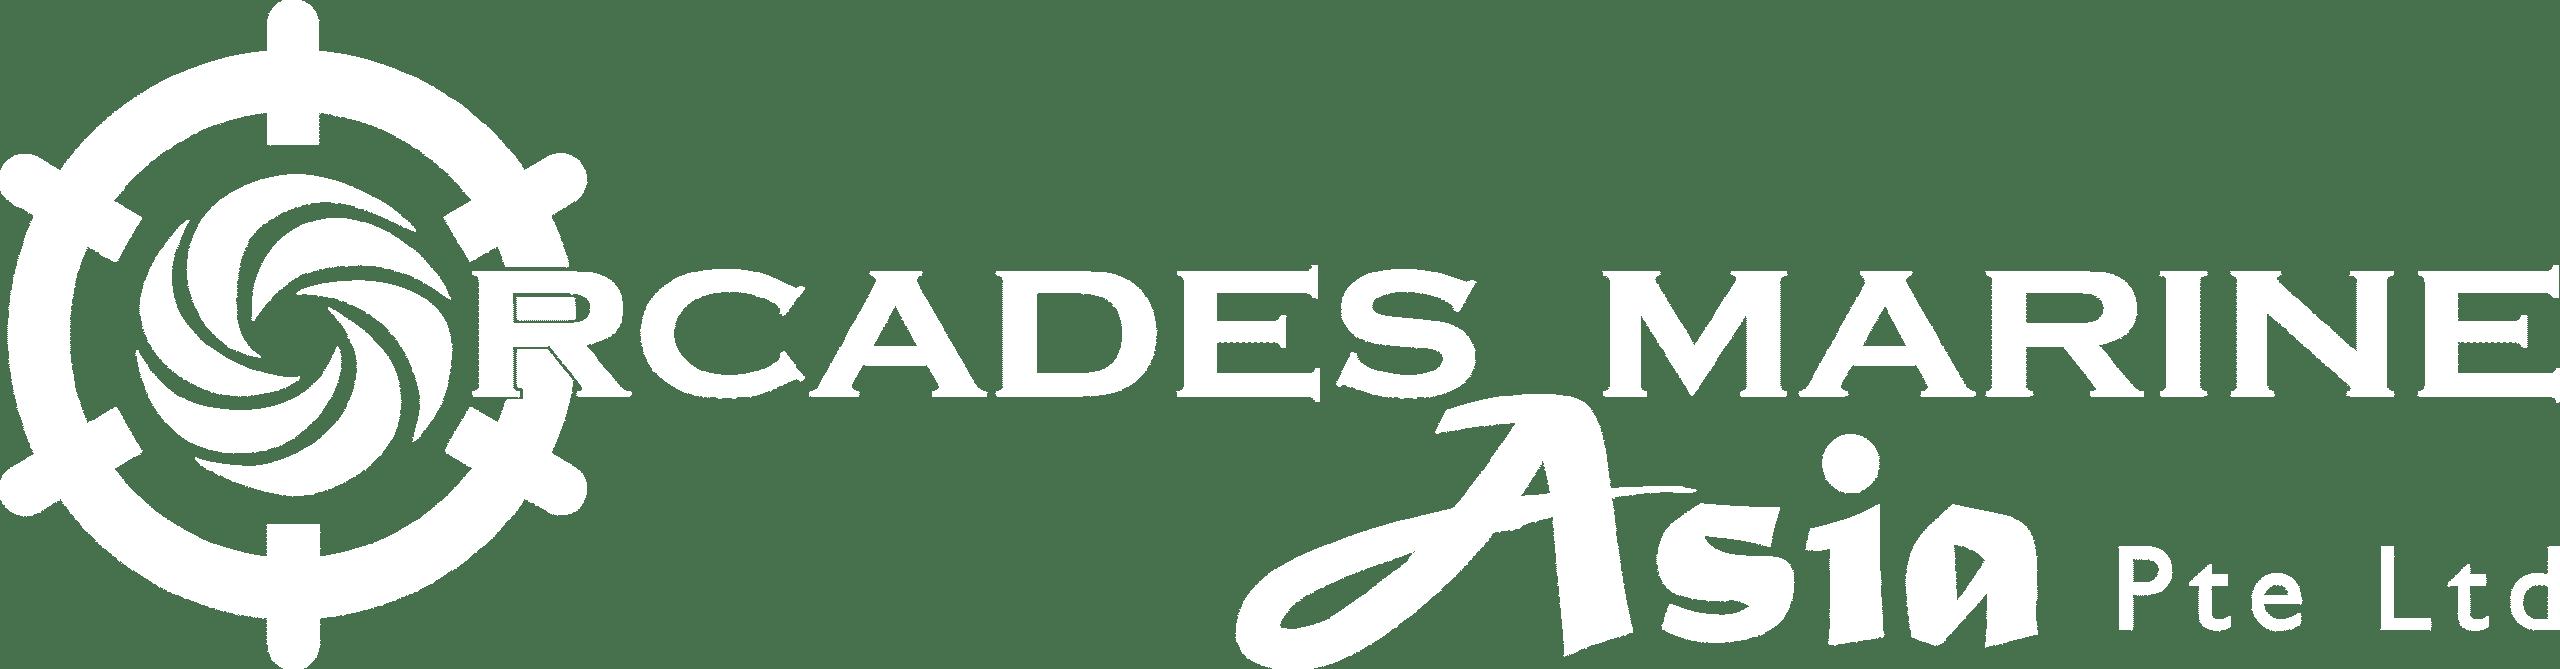 Orcades Marine Asia White logo